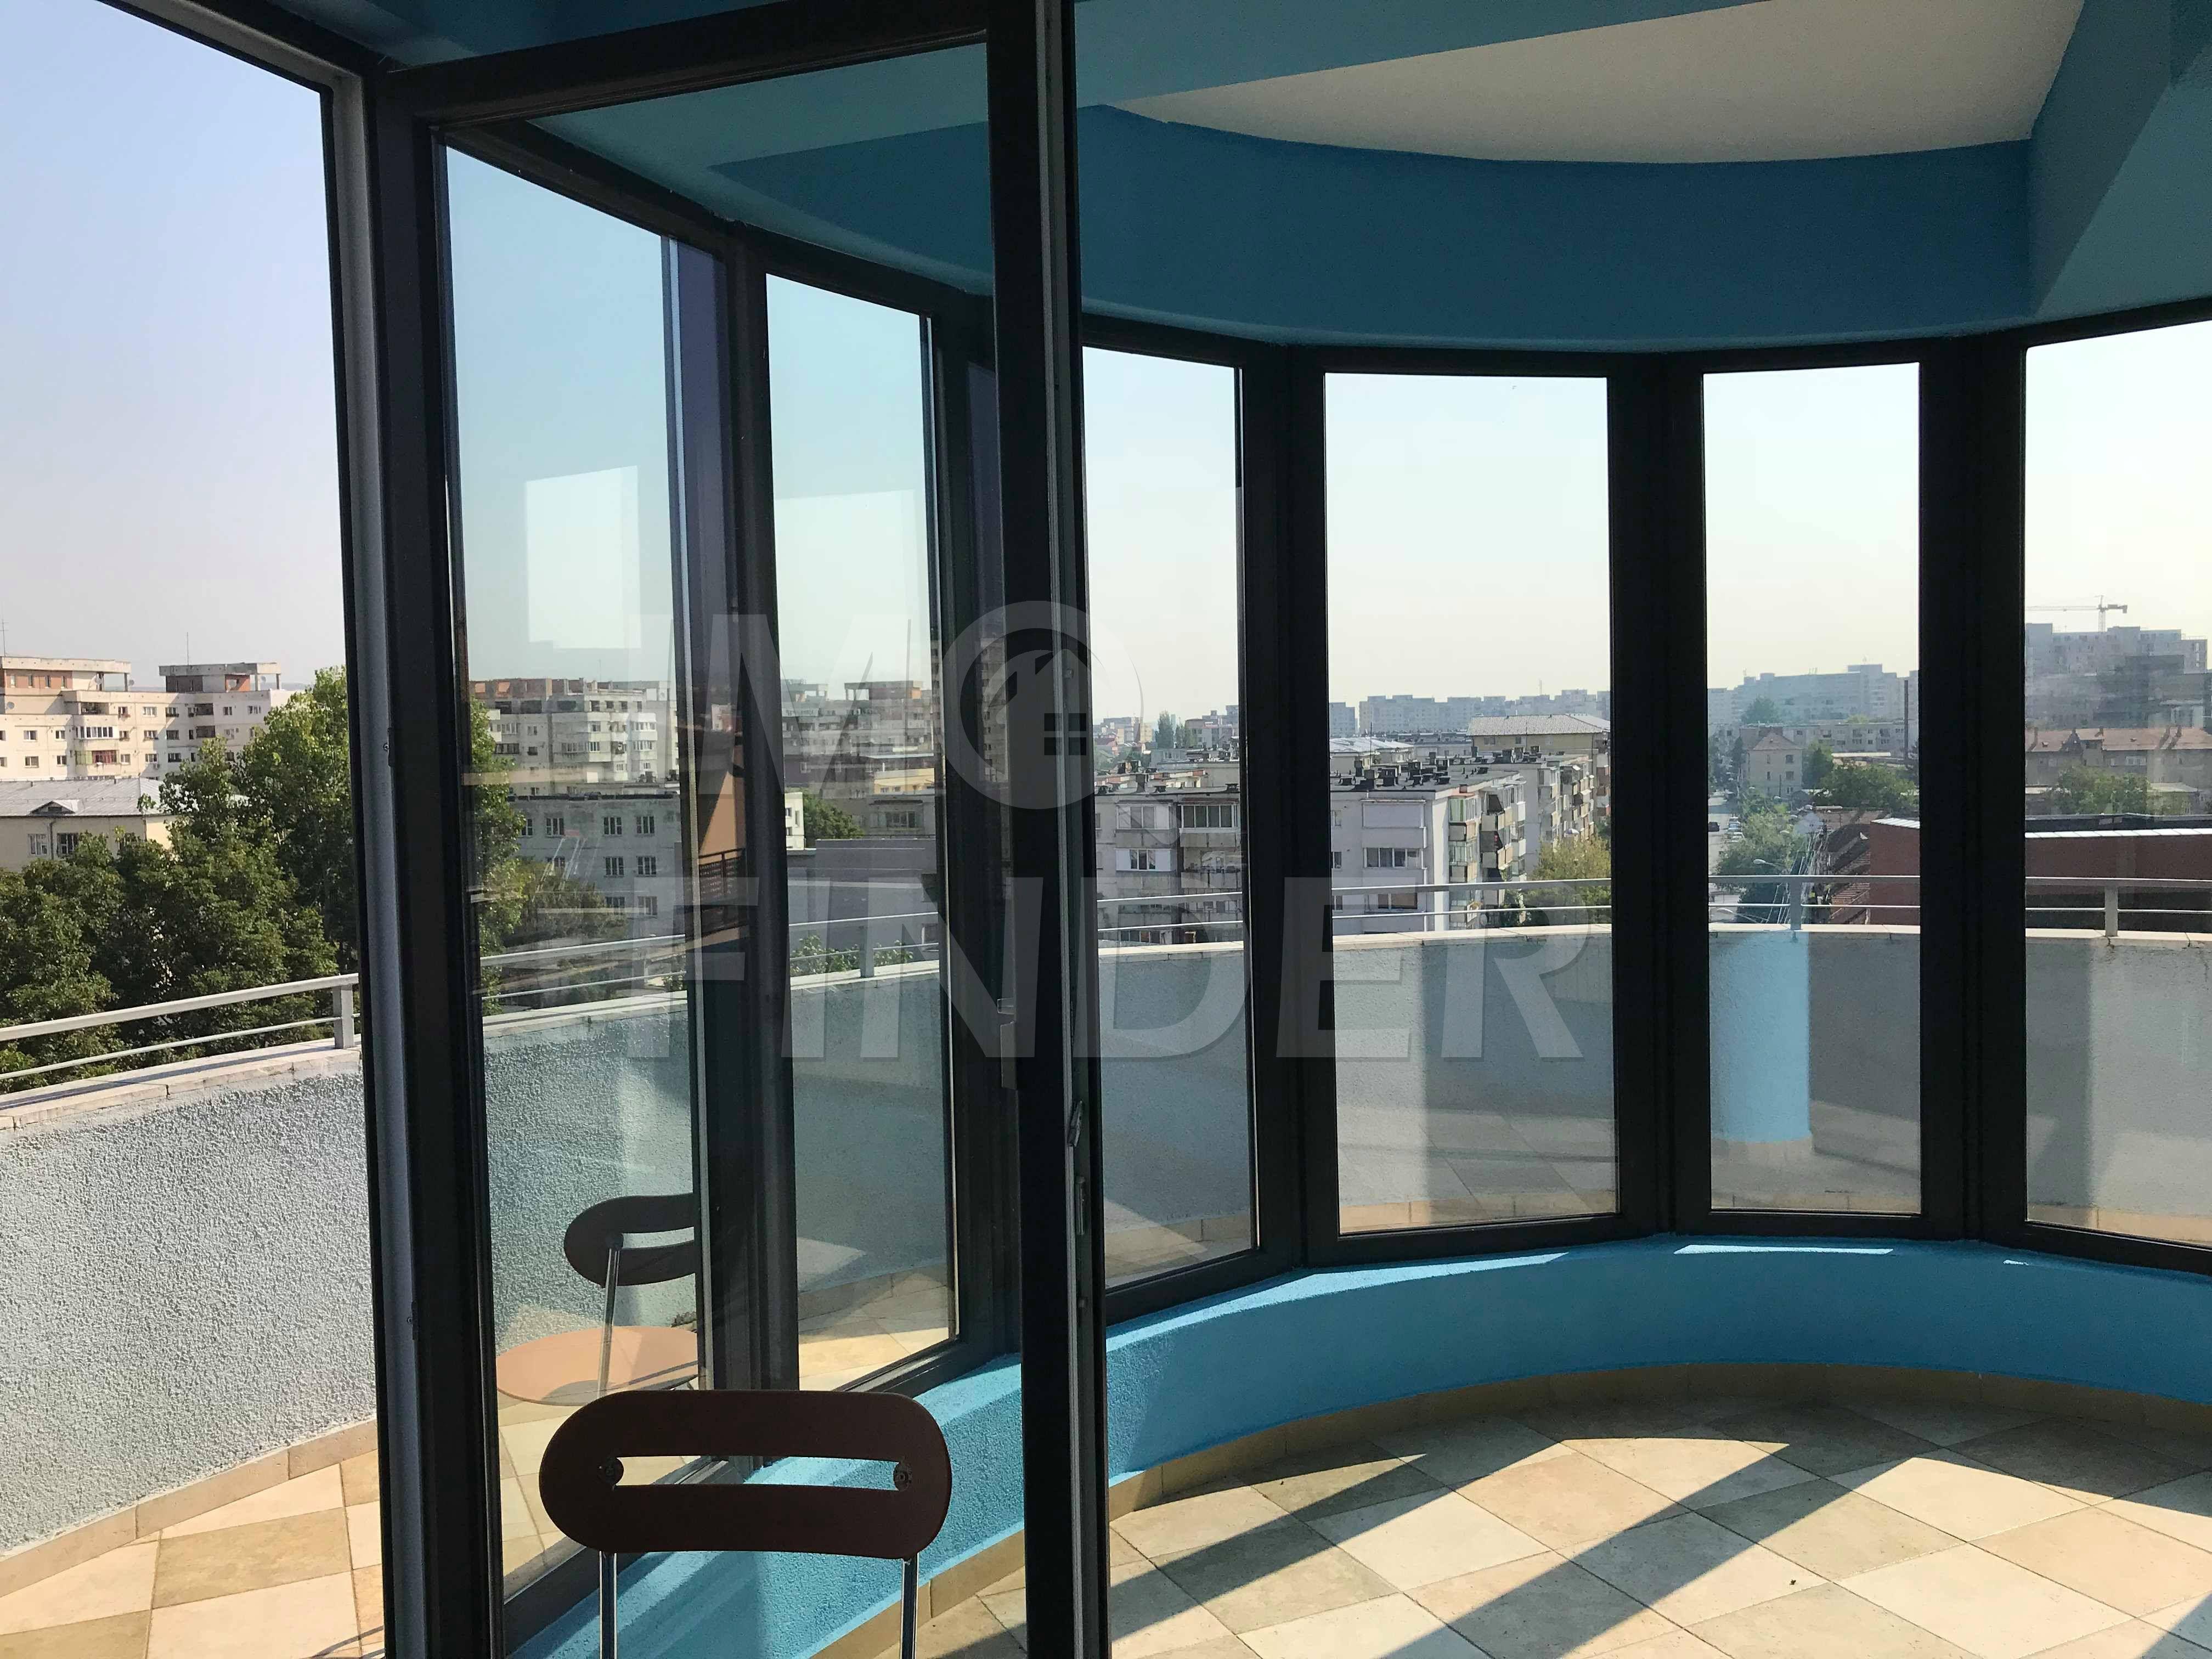 Vanzare apartament 3 camere, terasa de 67 mp, Central